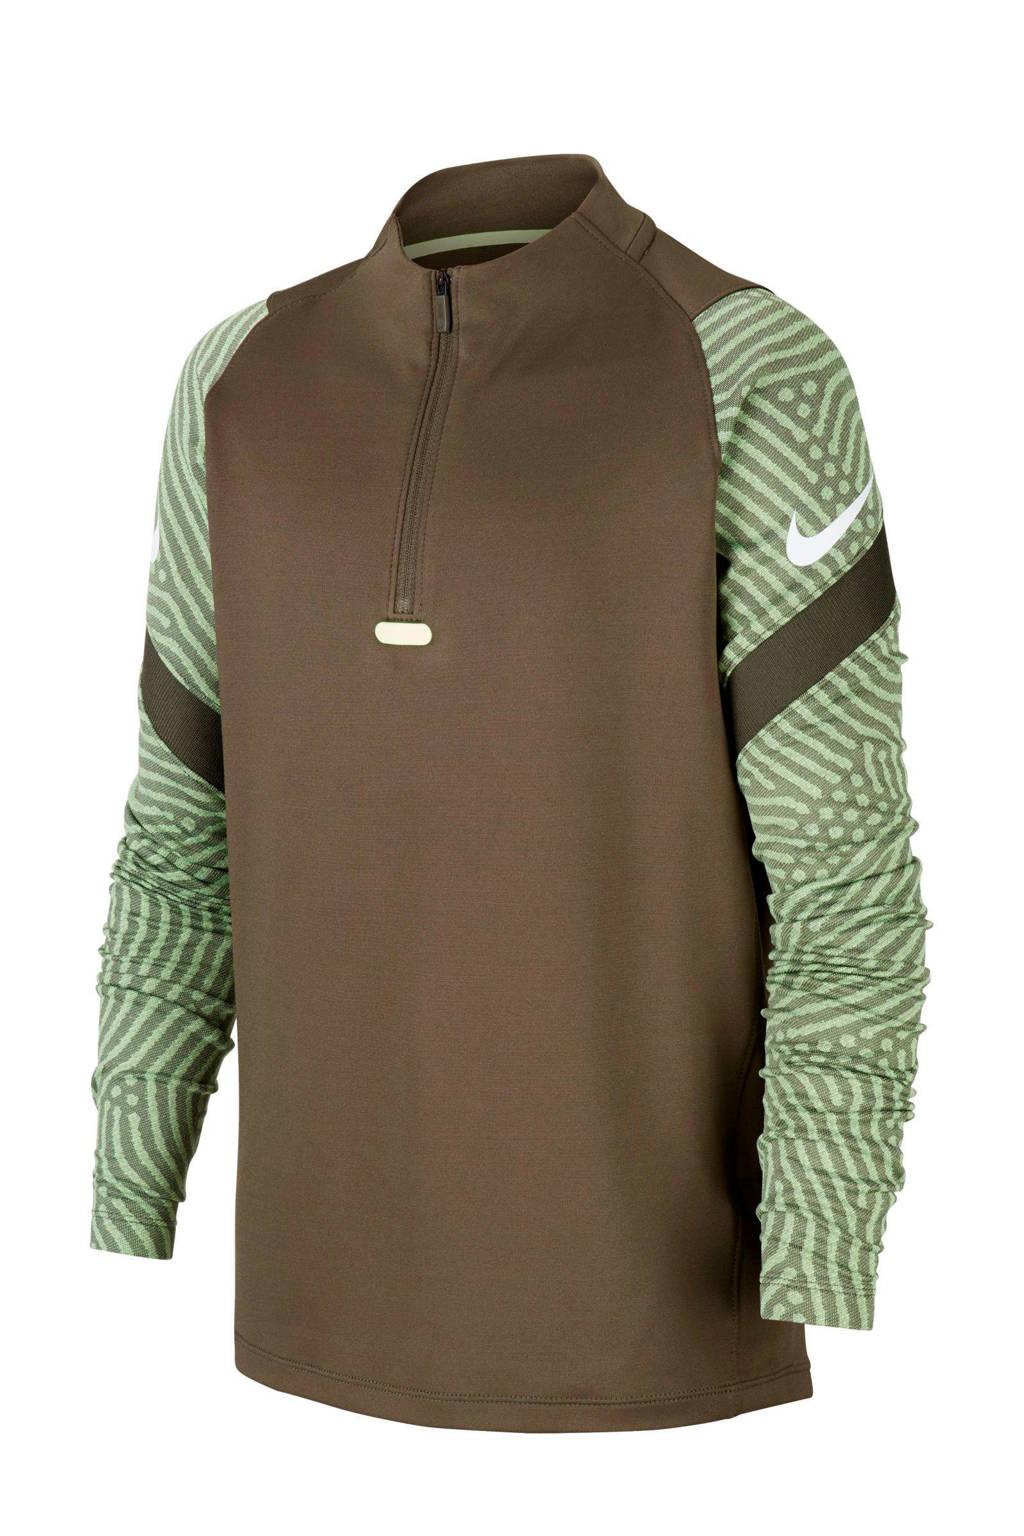 Nike   voetbalshirt bruin/groen, Bruin/groen